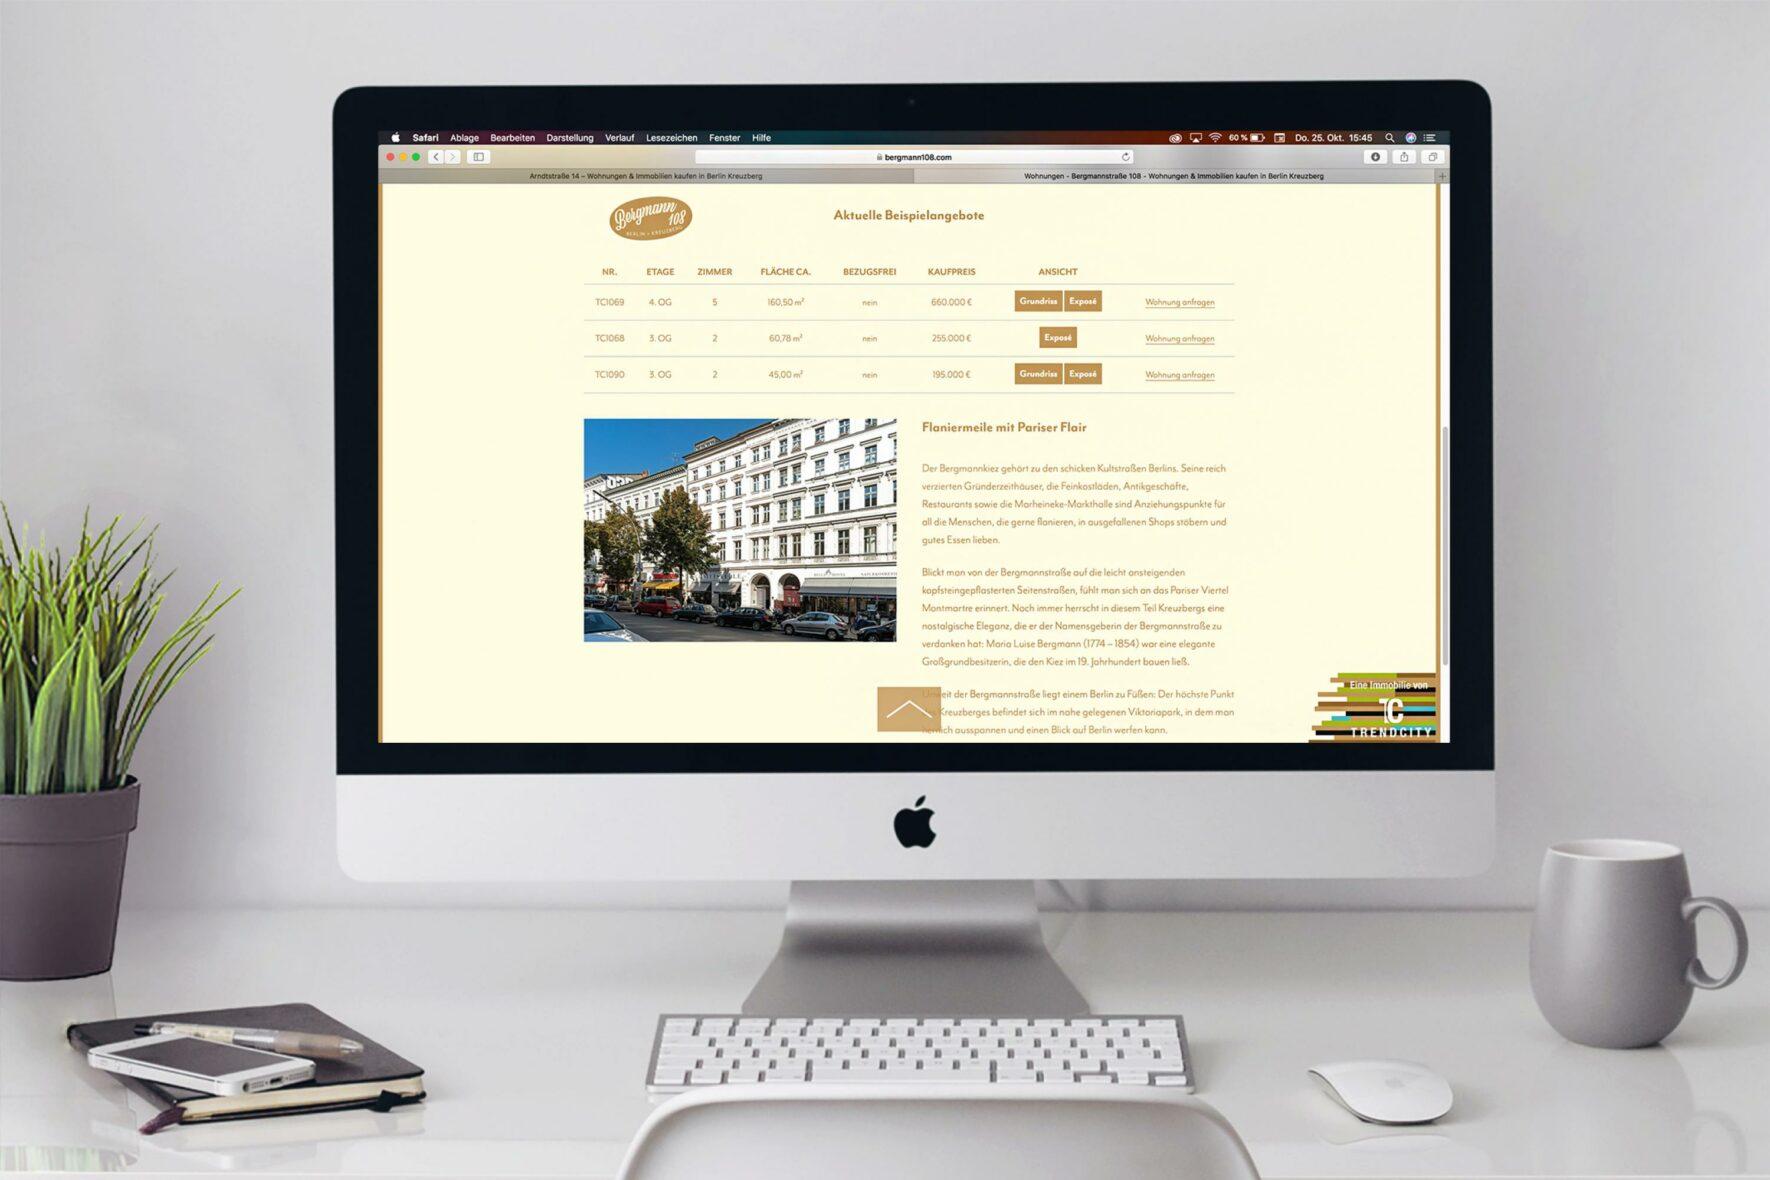 Webiste-Objekte-Branding-Trendcity-Immobilien-Corporate-design-bergmann-4 Kopie